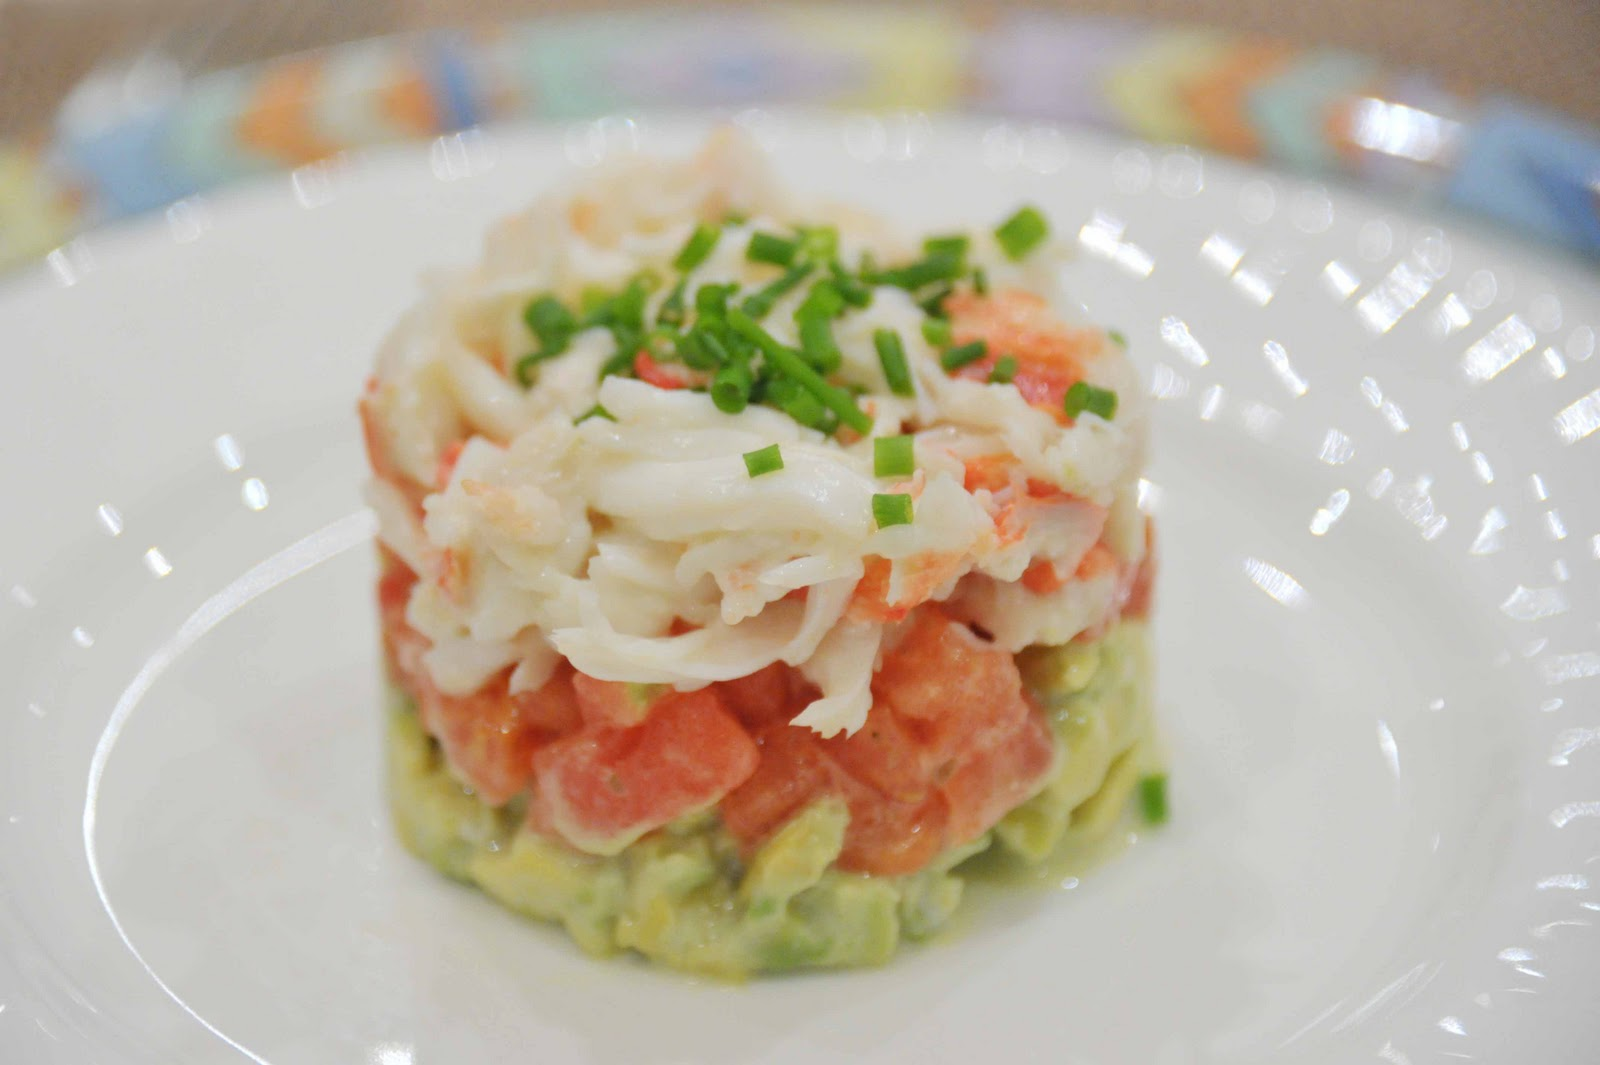 maryhokitchen: Alaska Crab Salad